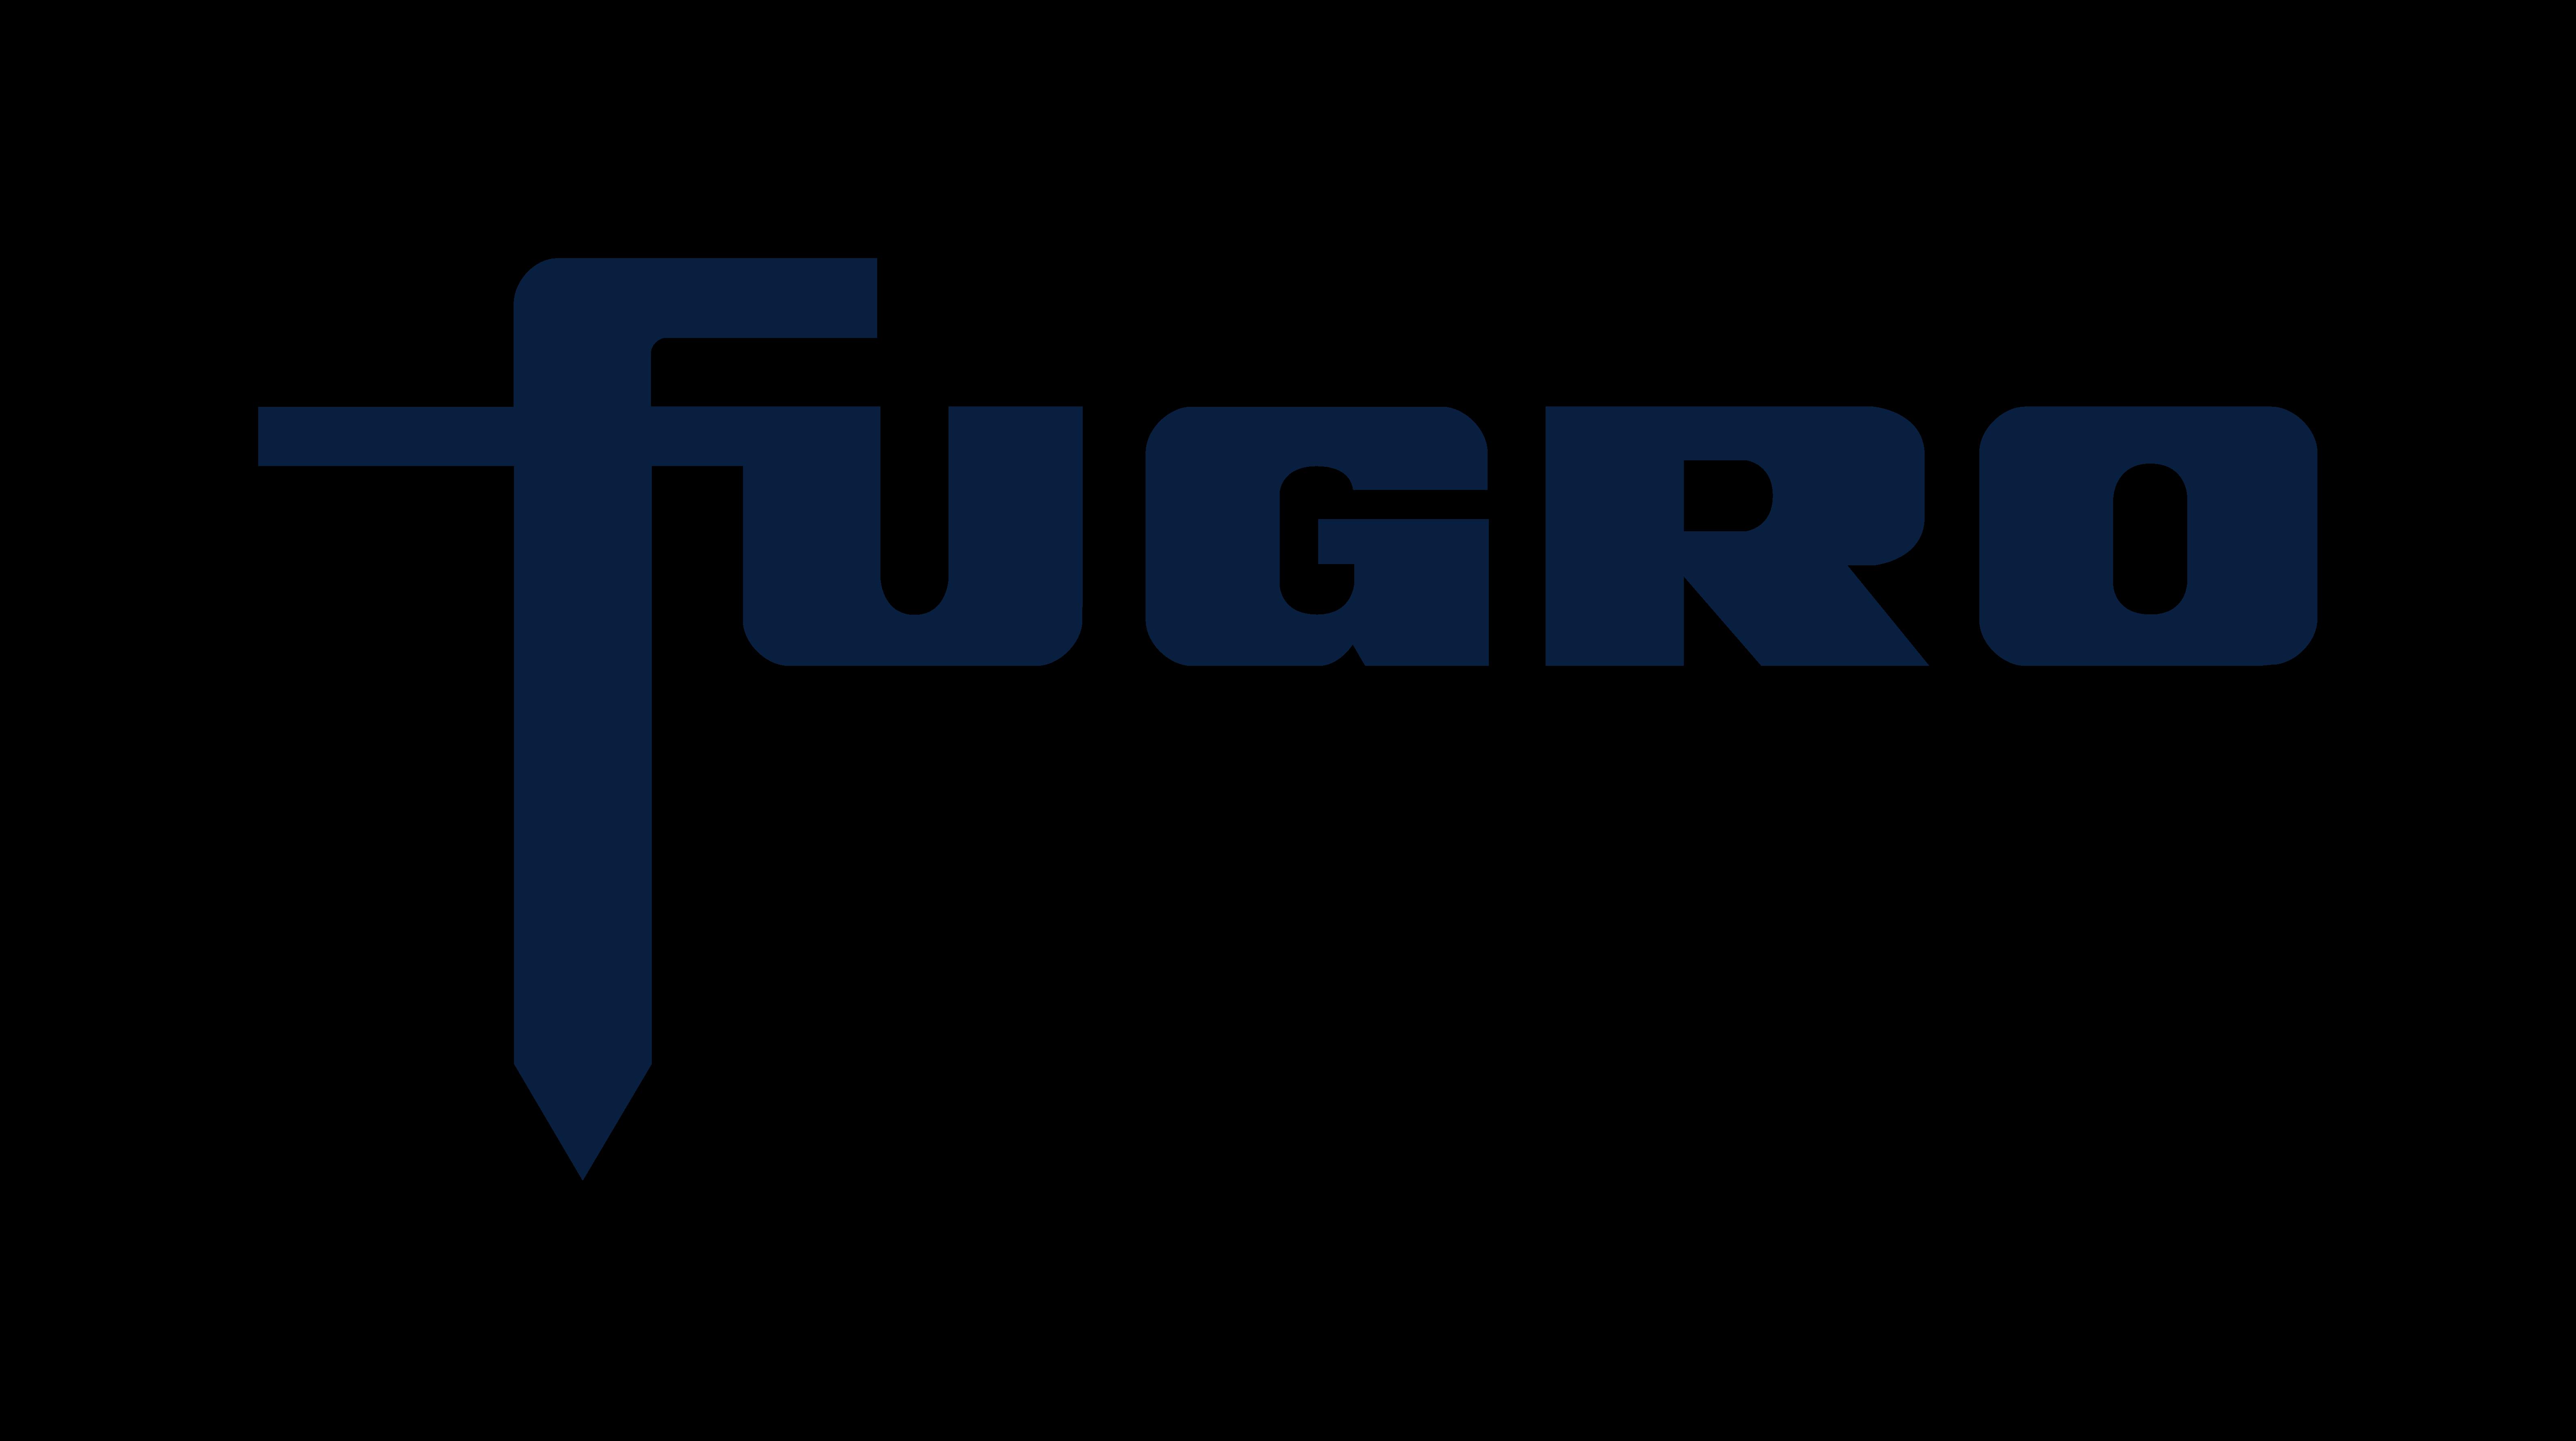 Sacramento County Department of Technology logo